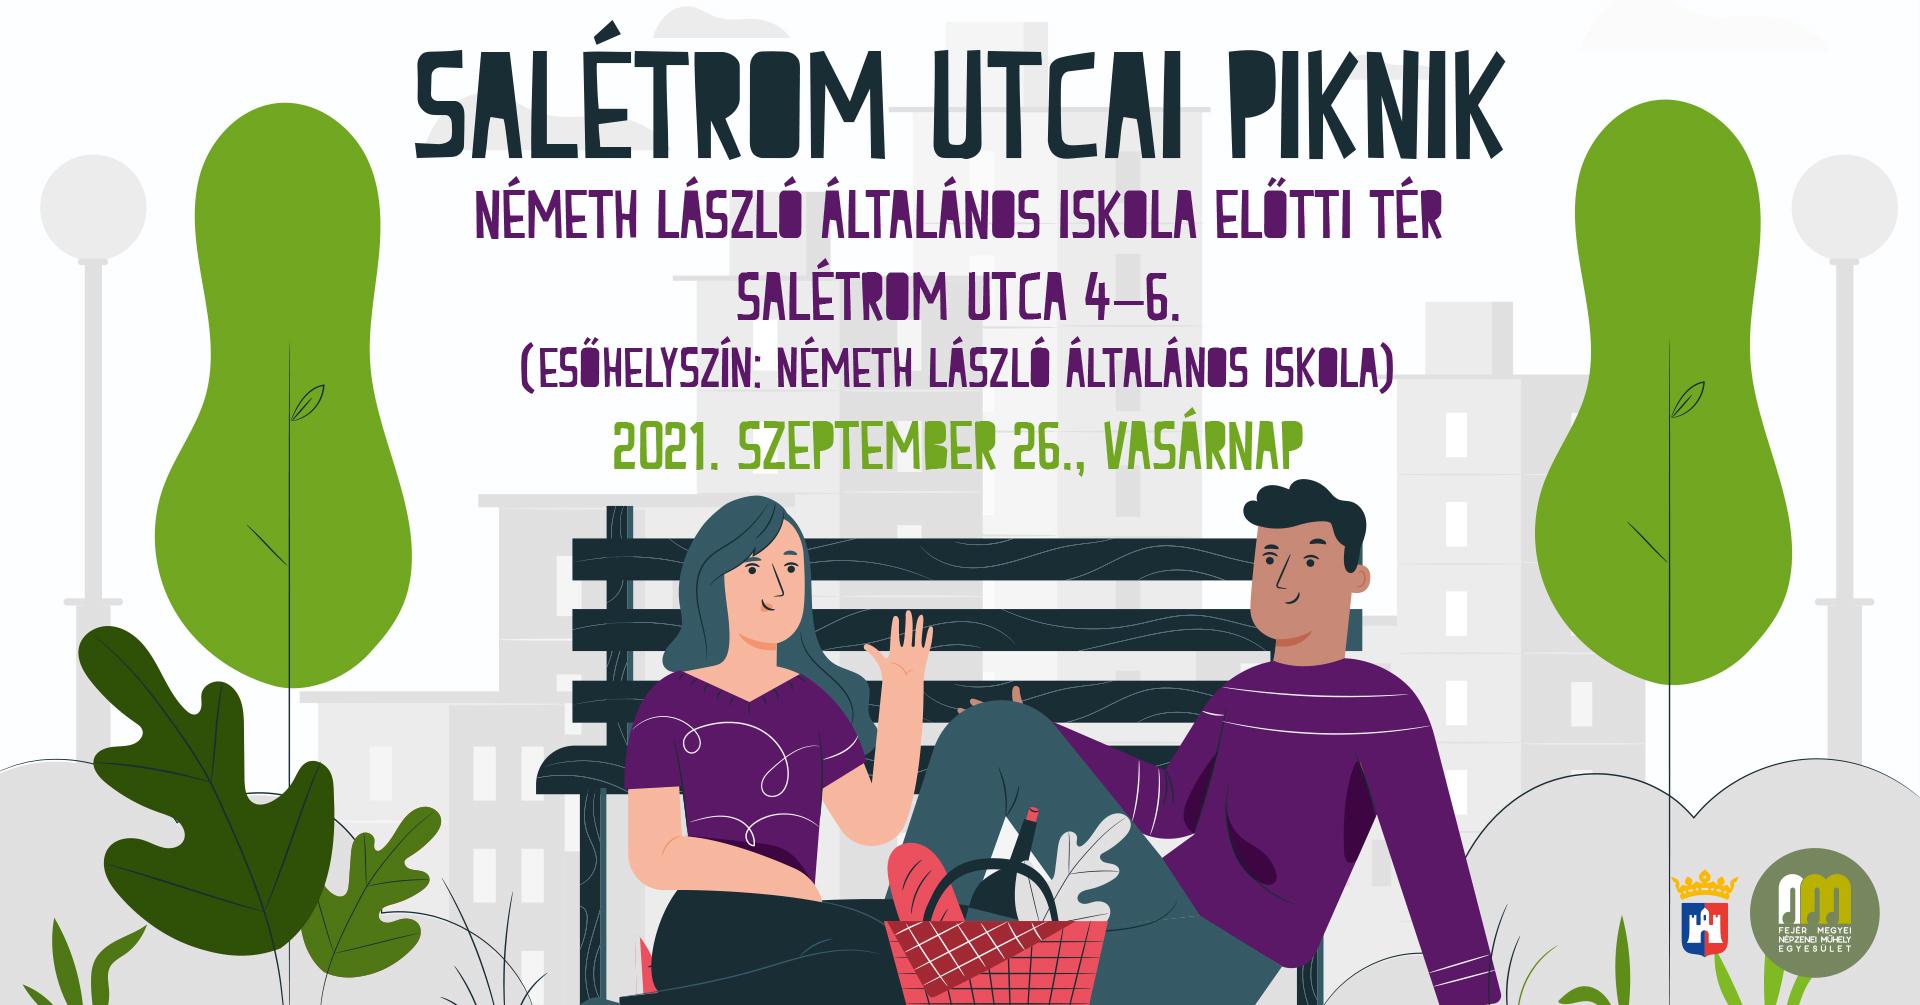 Salétrom utcai piknik @ Németh László Általános Iskola előtti tér